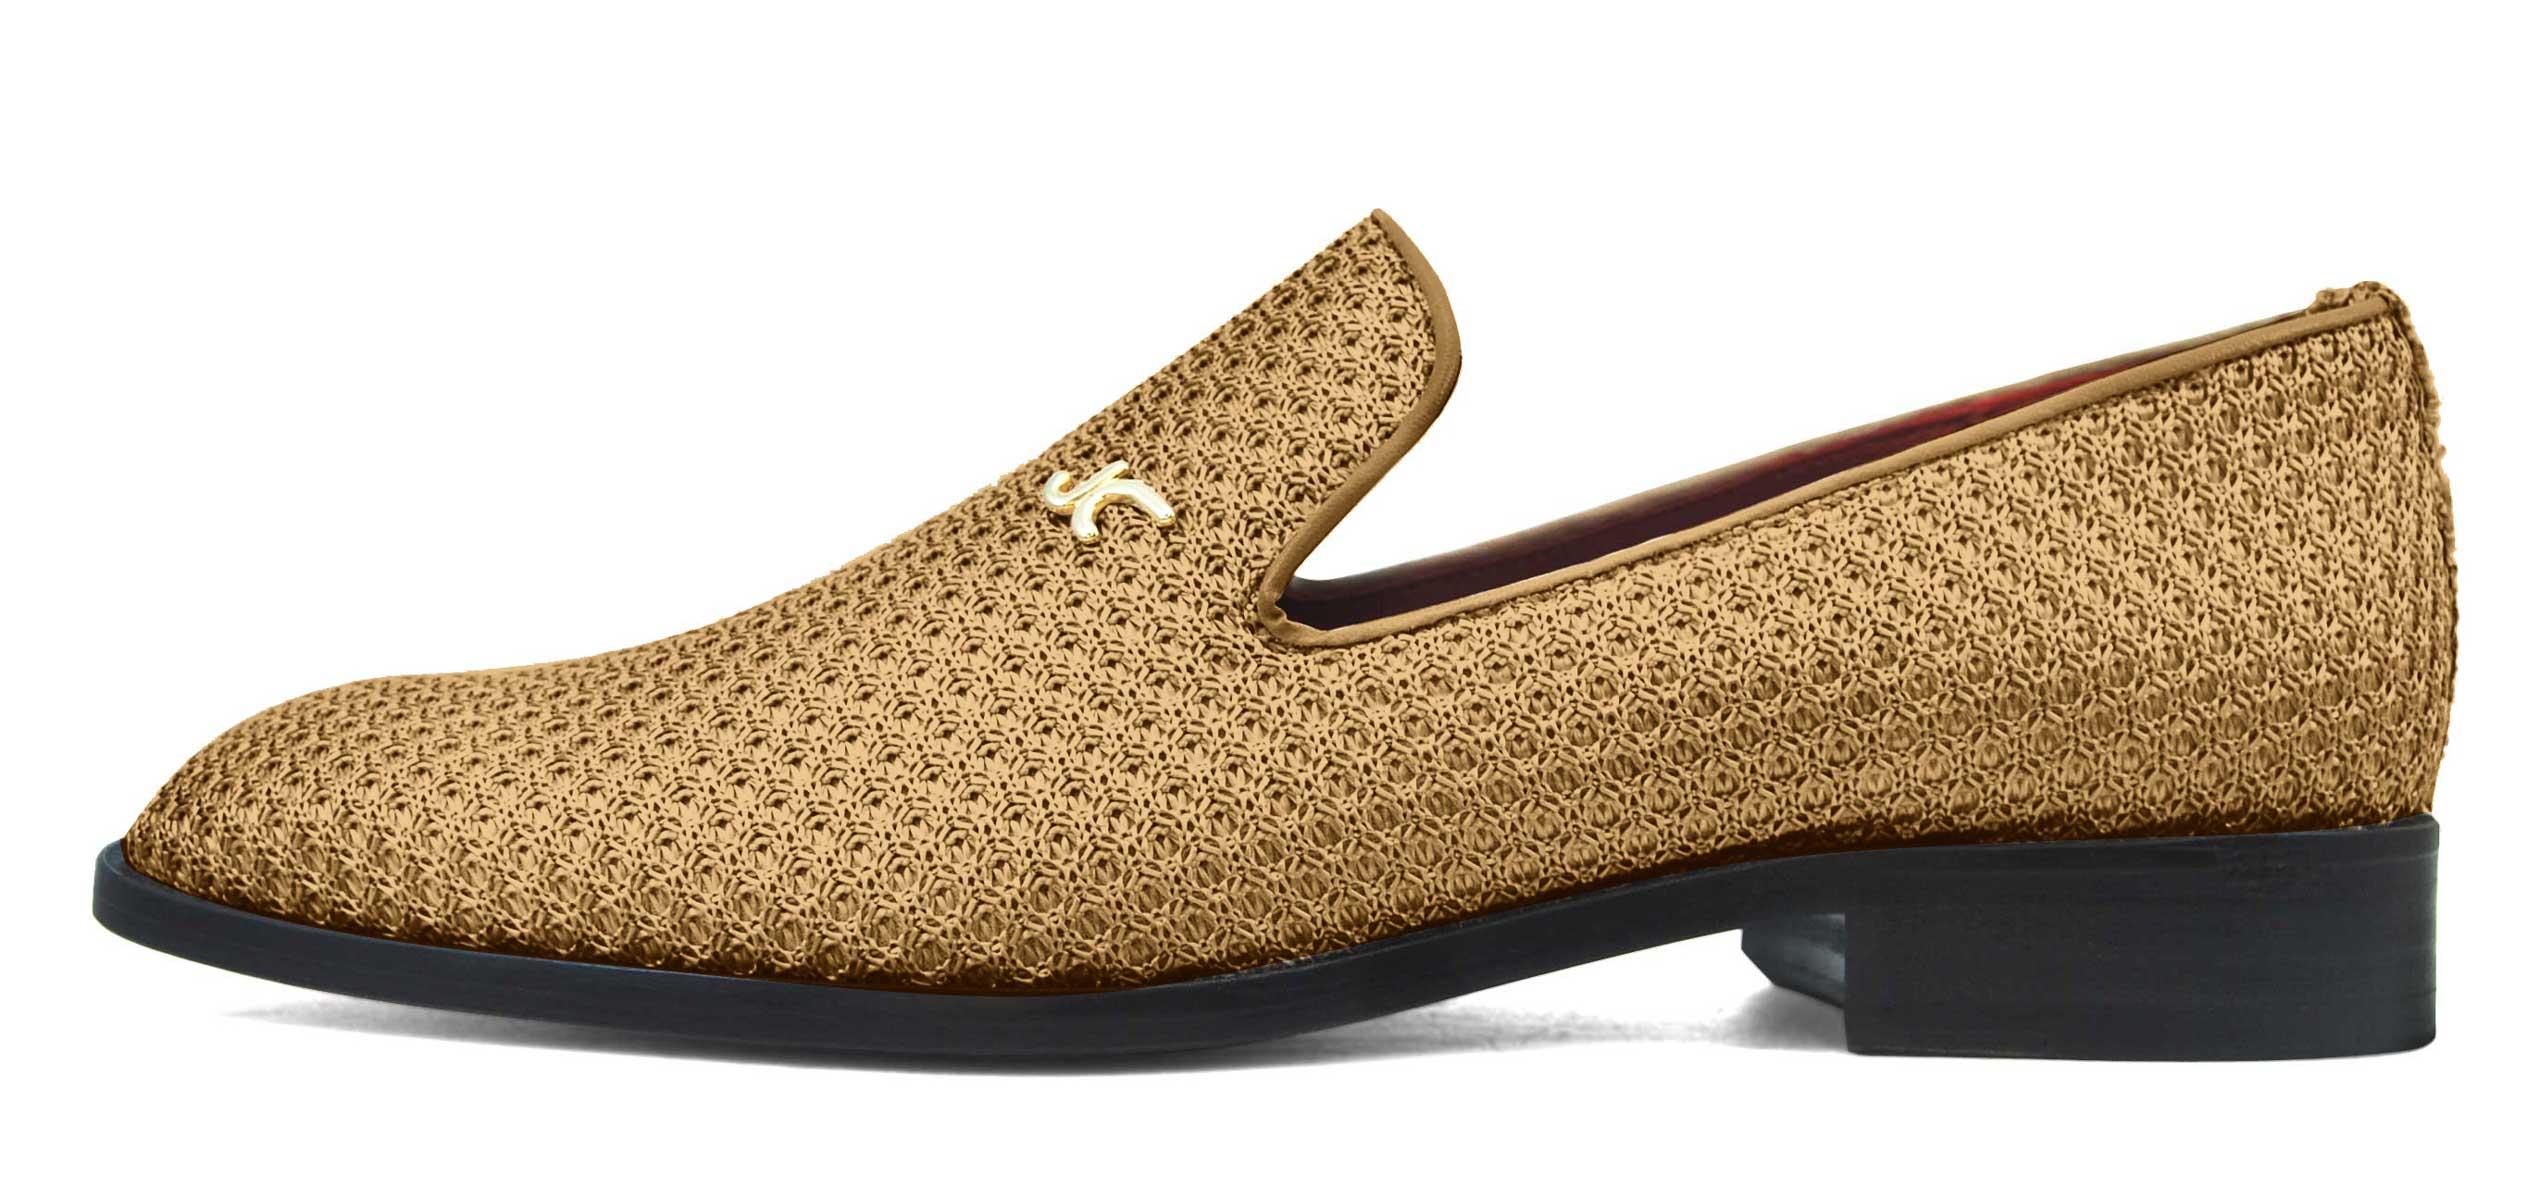 Foto 1 de Zapatos Trenza Seda Cobre Con JC Dorado